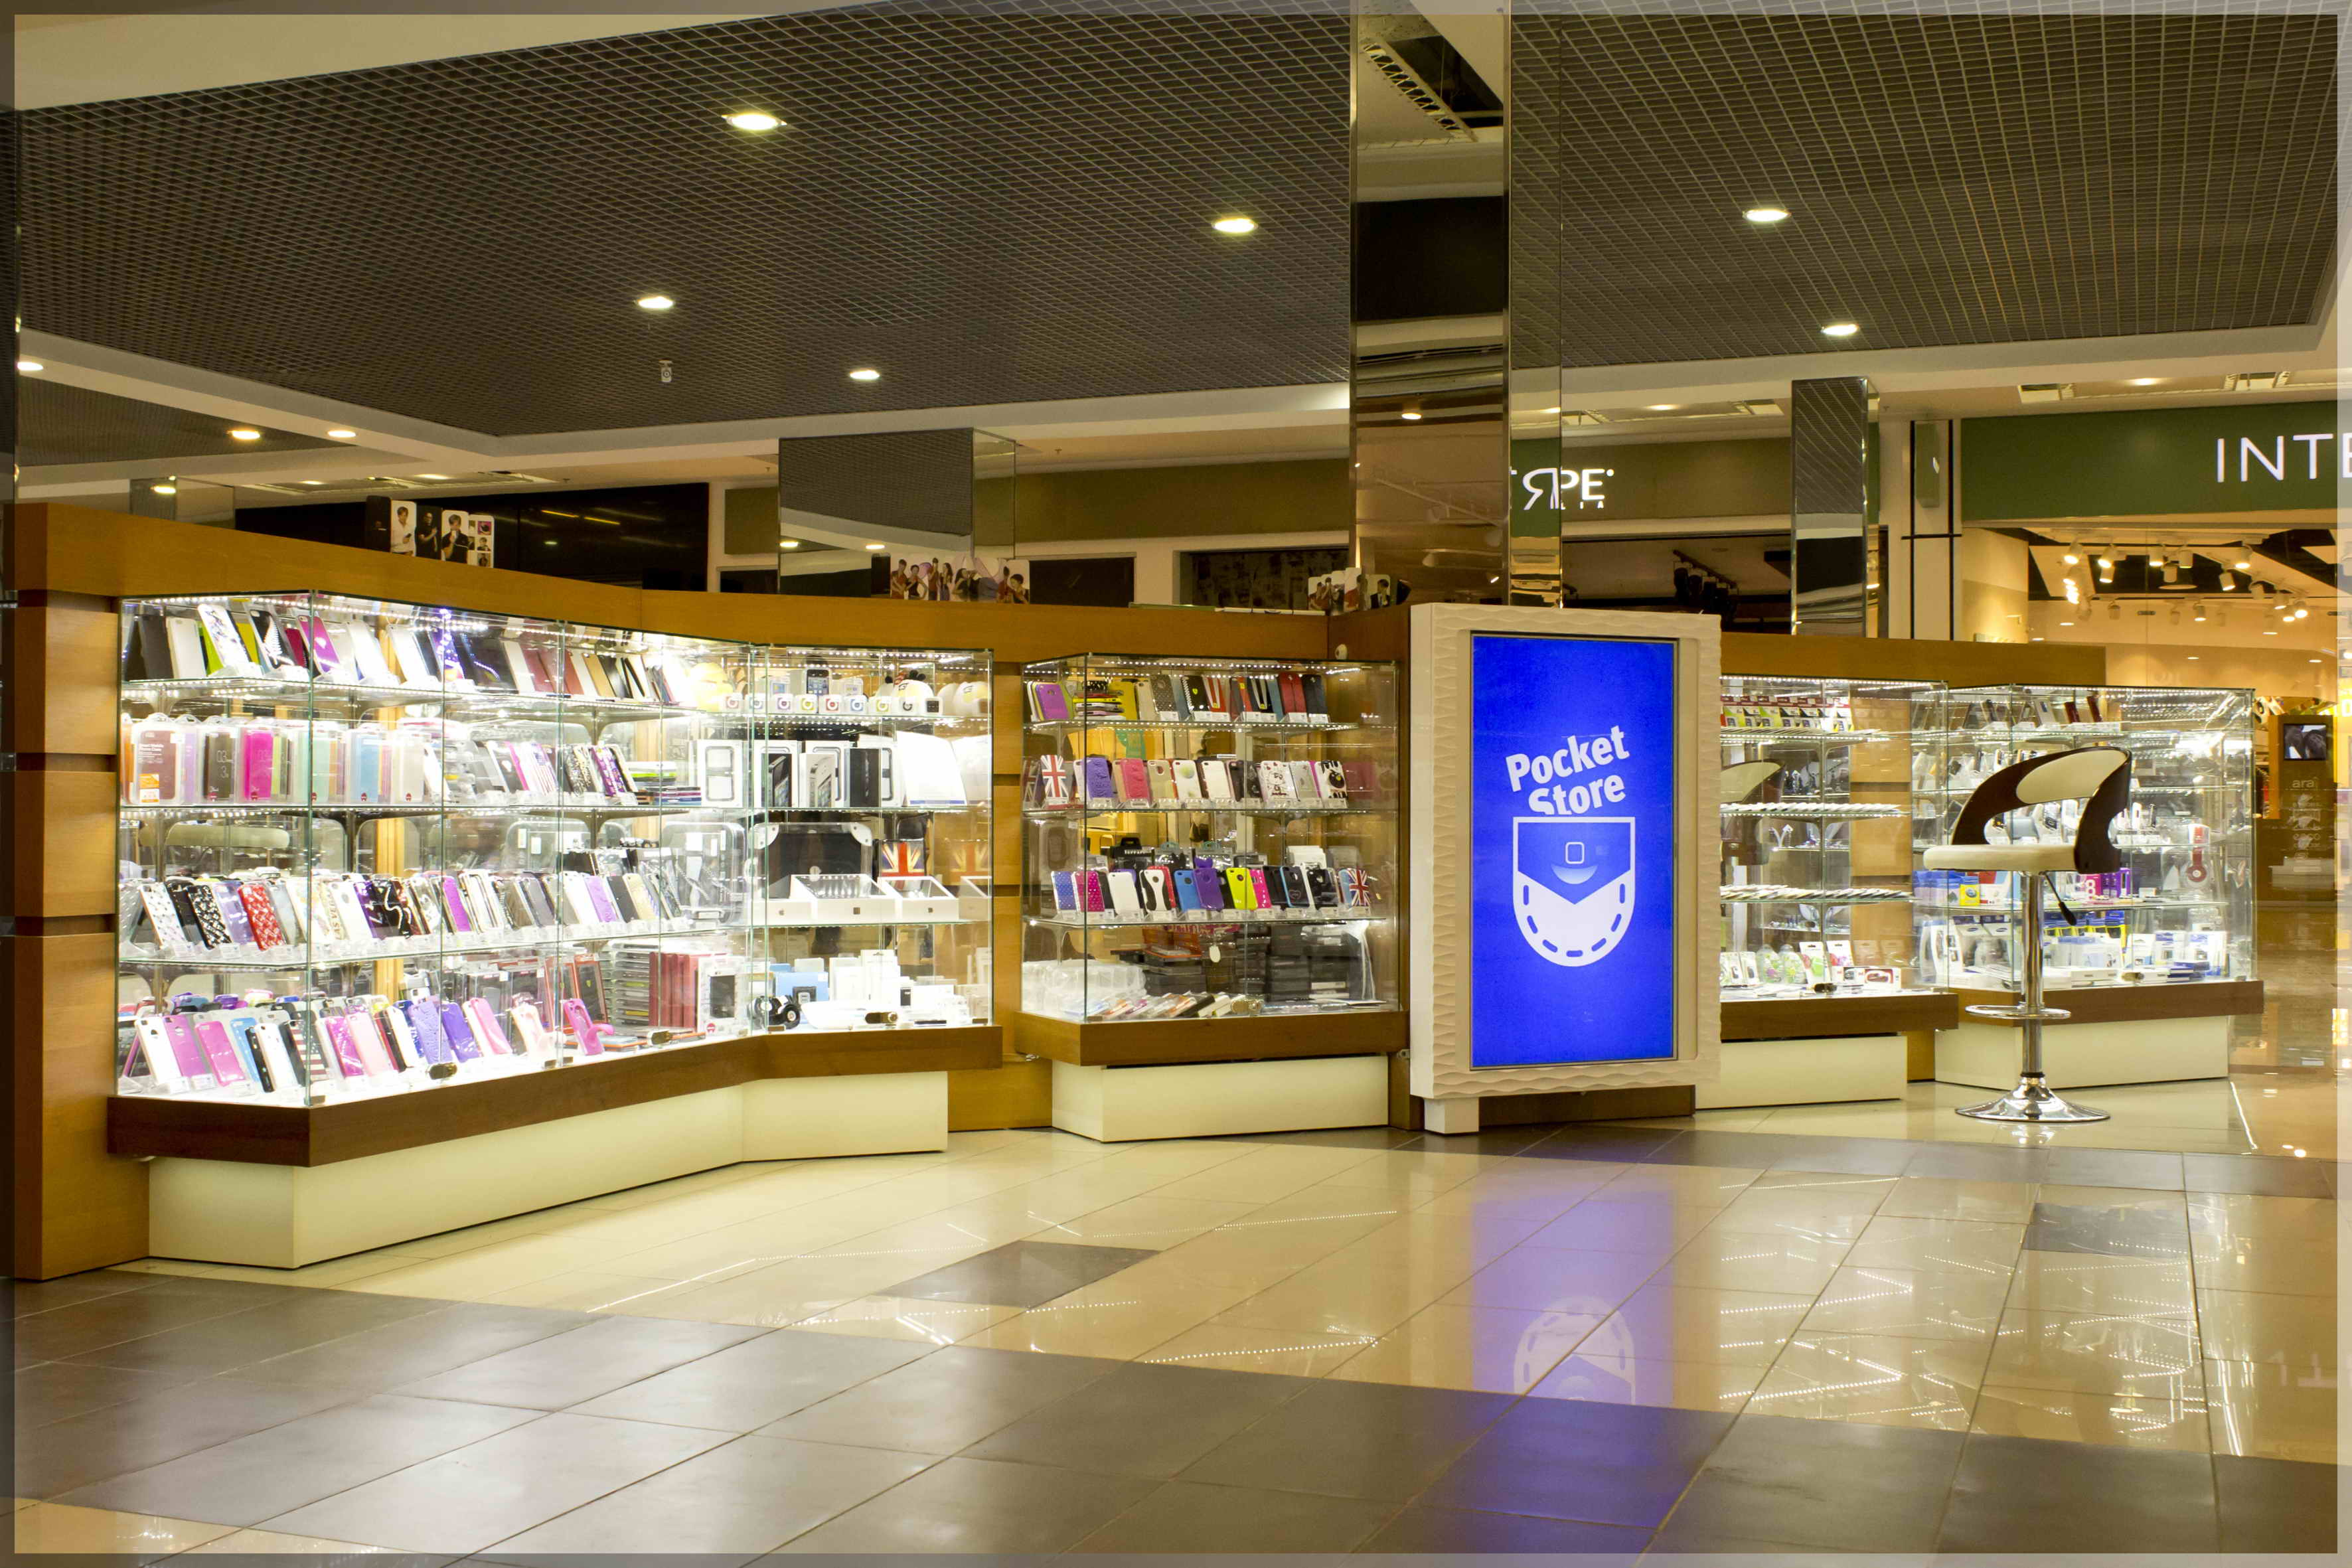 торговое оборудование Pocket store